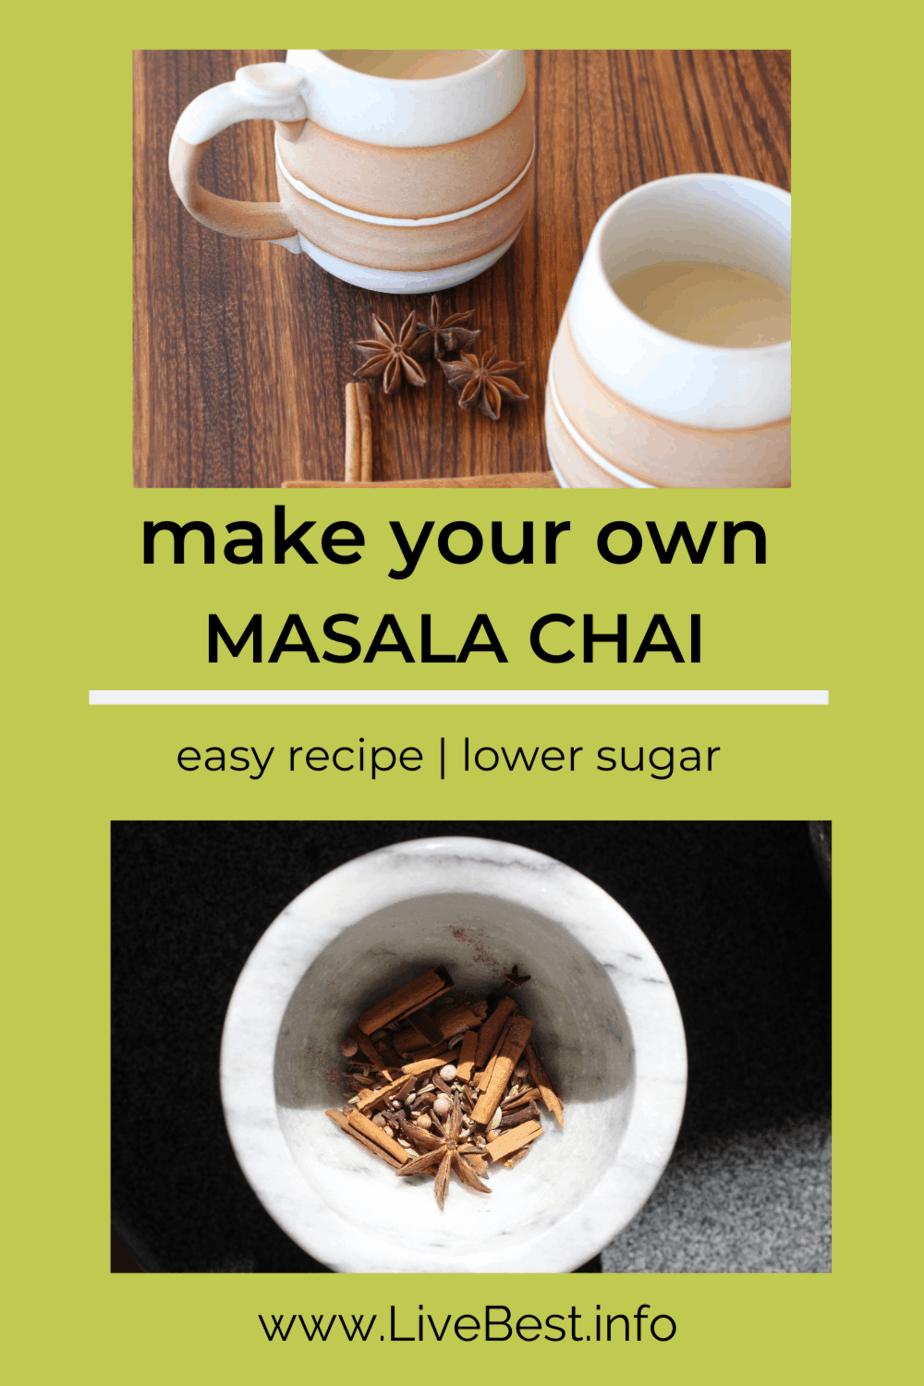 2 mugs of masala chai